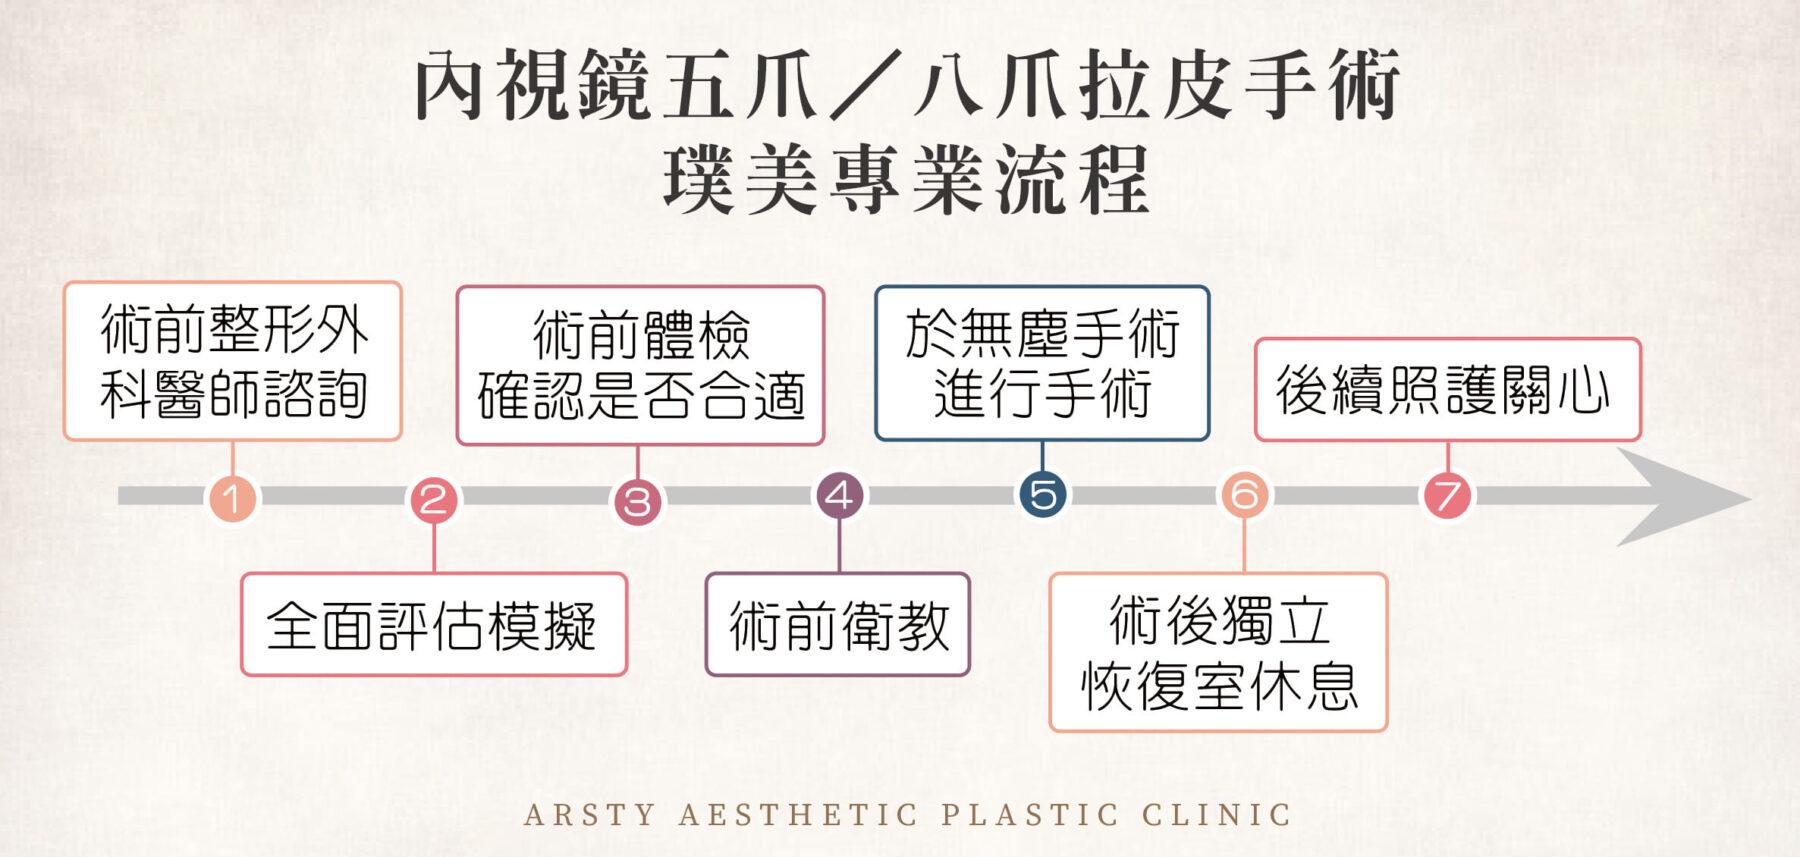 五爪、八爪手術專業流程